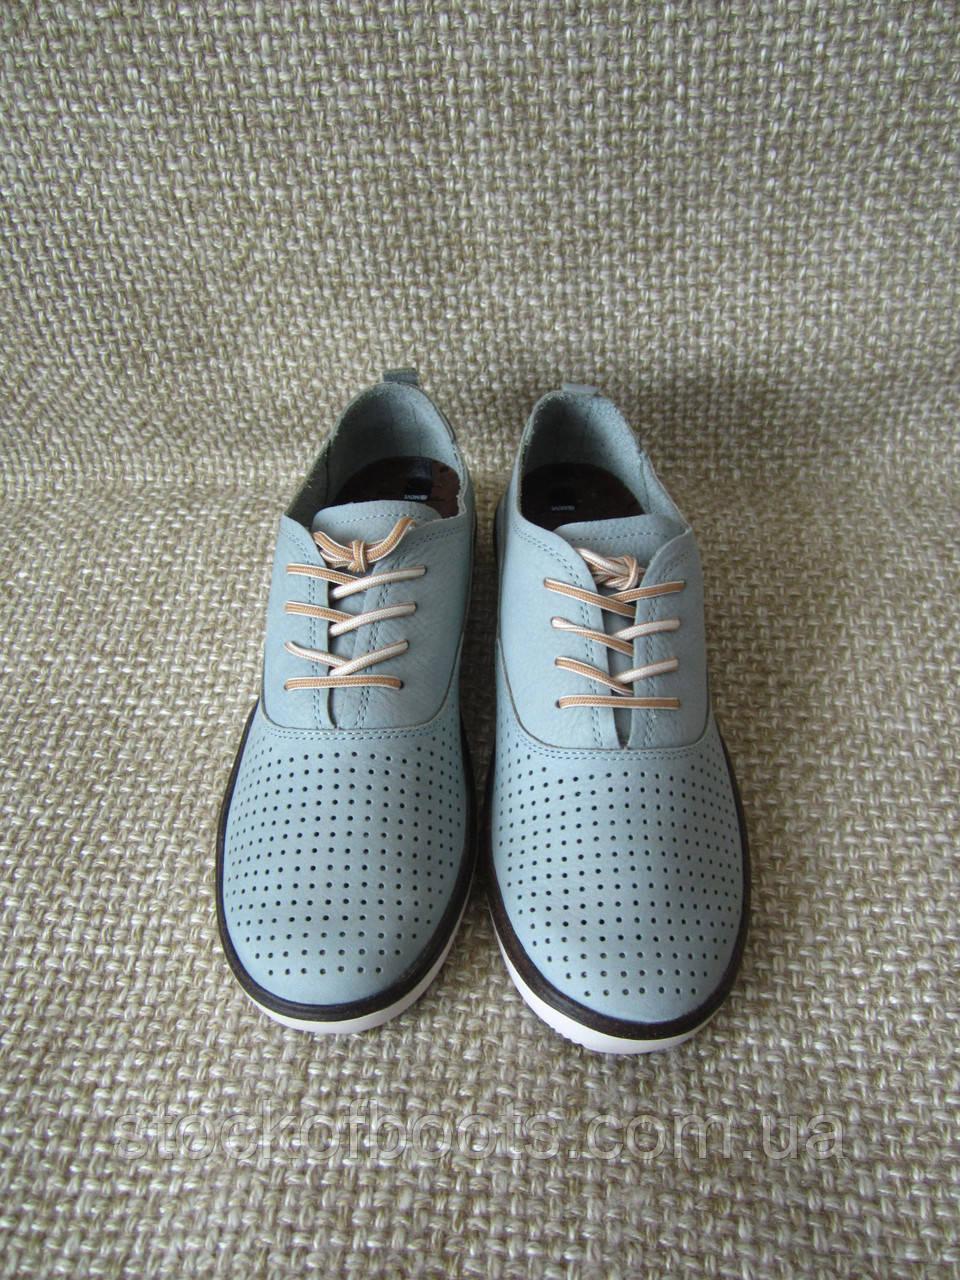 Кросівки туфлі шкіряні оригінал Merrell J03698 розмір 40   продажа ... 48e8d9321a53f